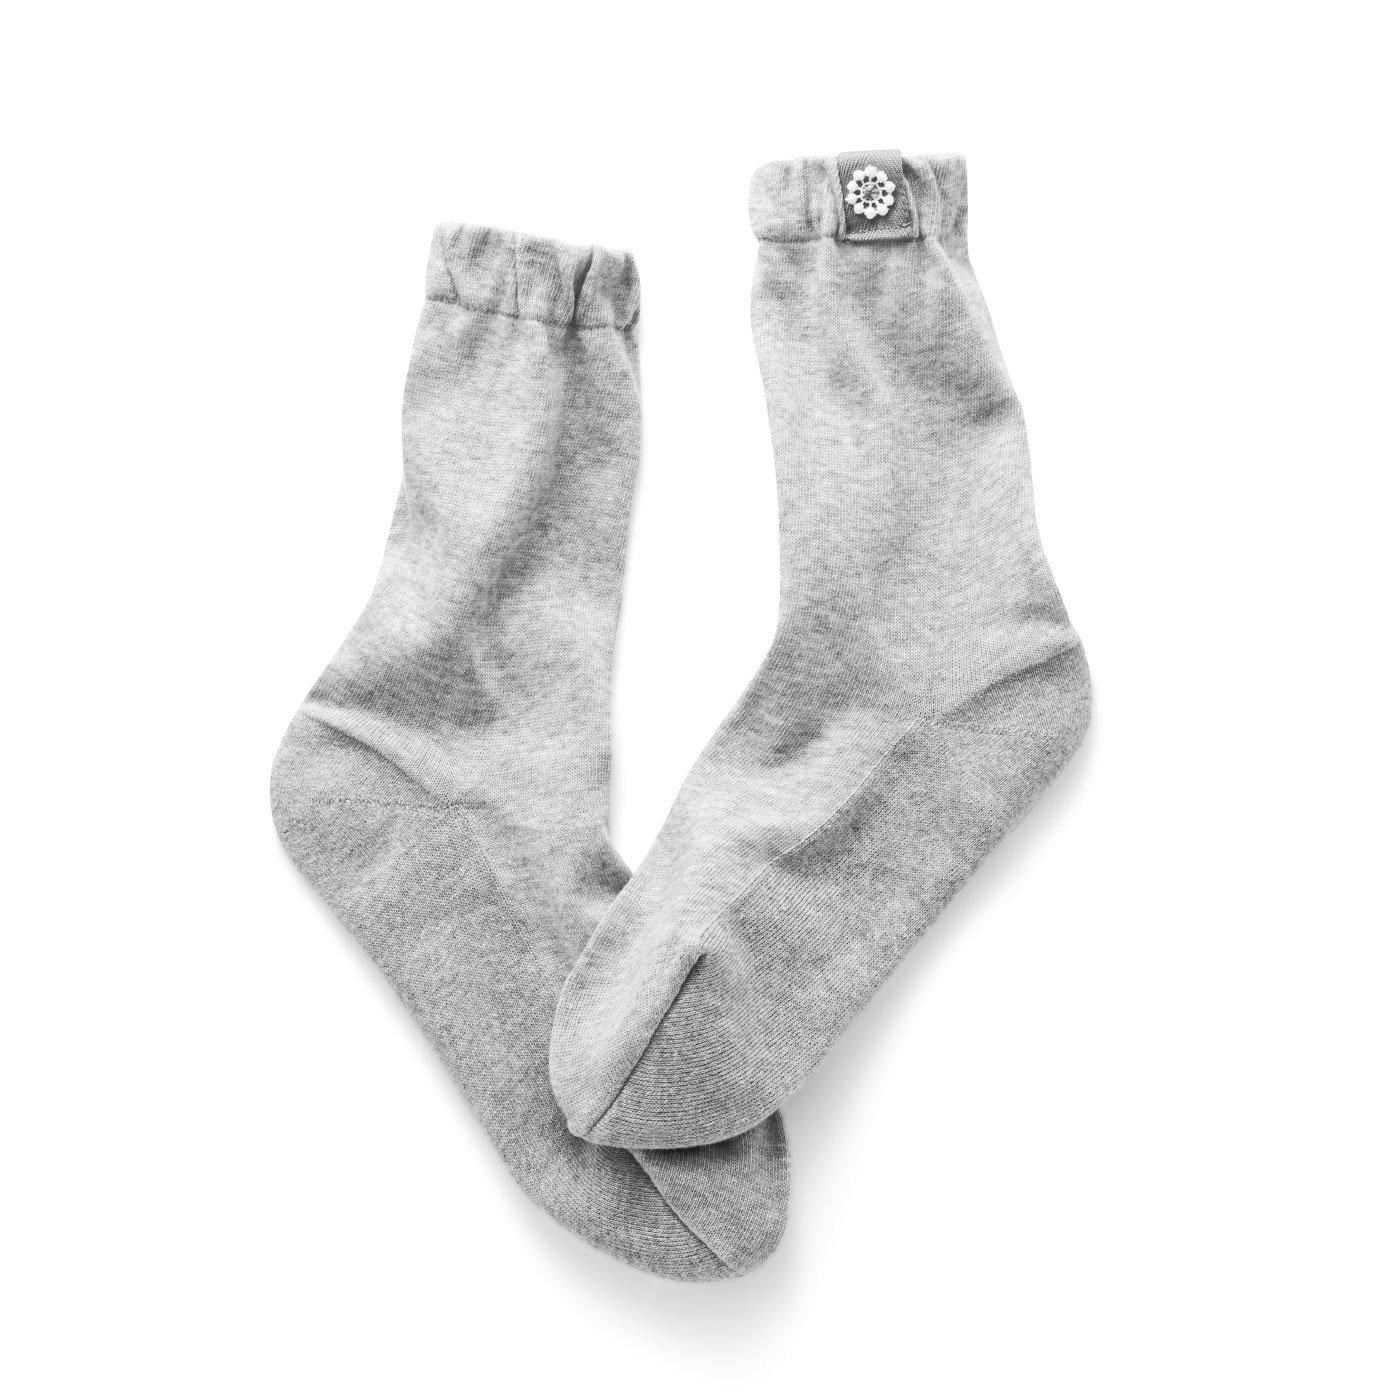 チャレンジド・クリエイティブ・プロジェクト ふかふかインソールのようならくちんクッション靴下